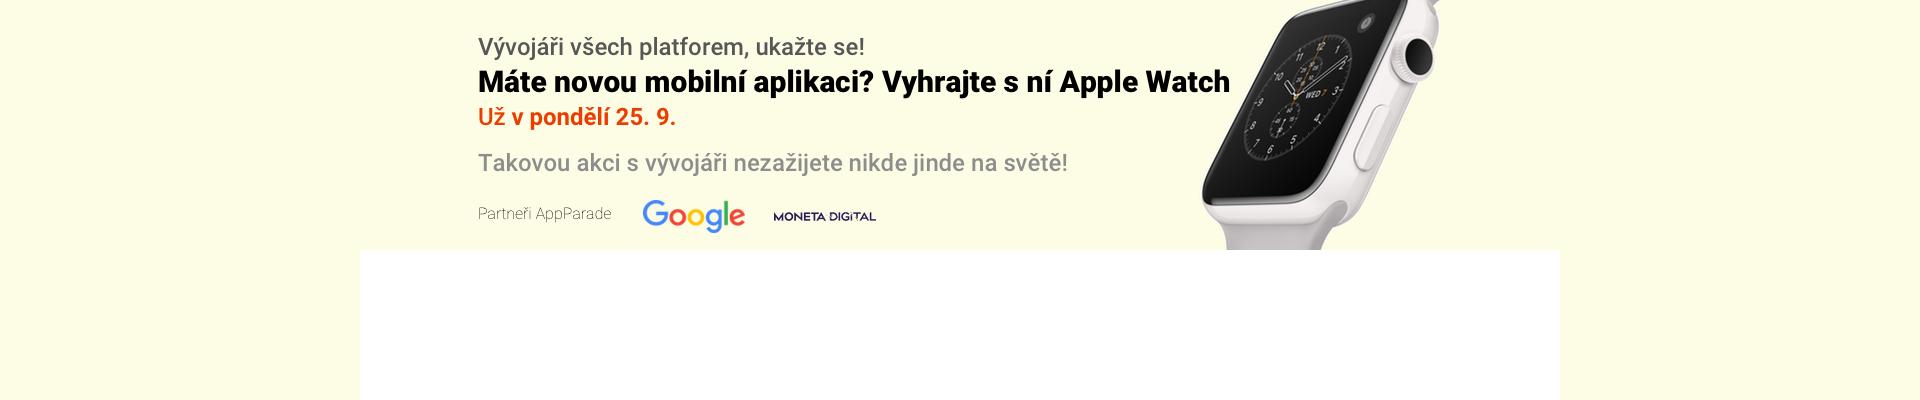 Přihlaste se do soutěžní přehlídky mobilních aplikací AppParade